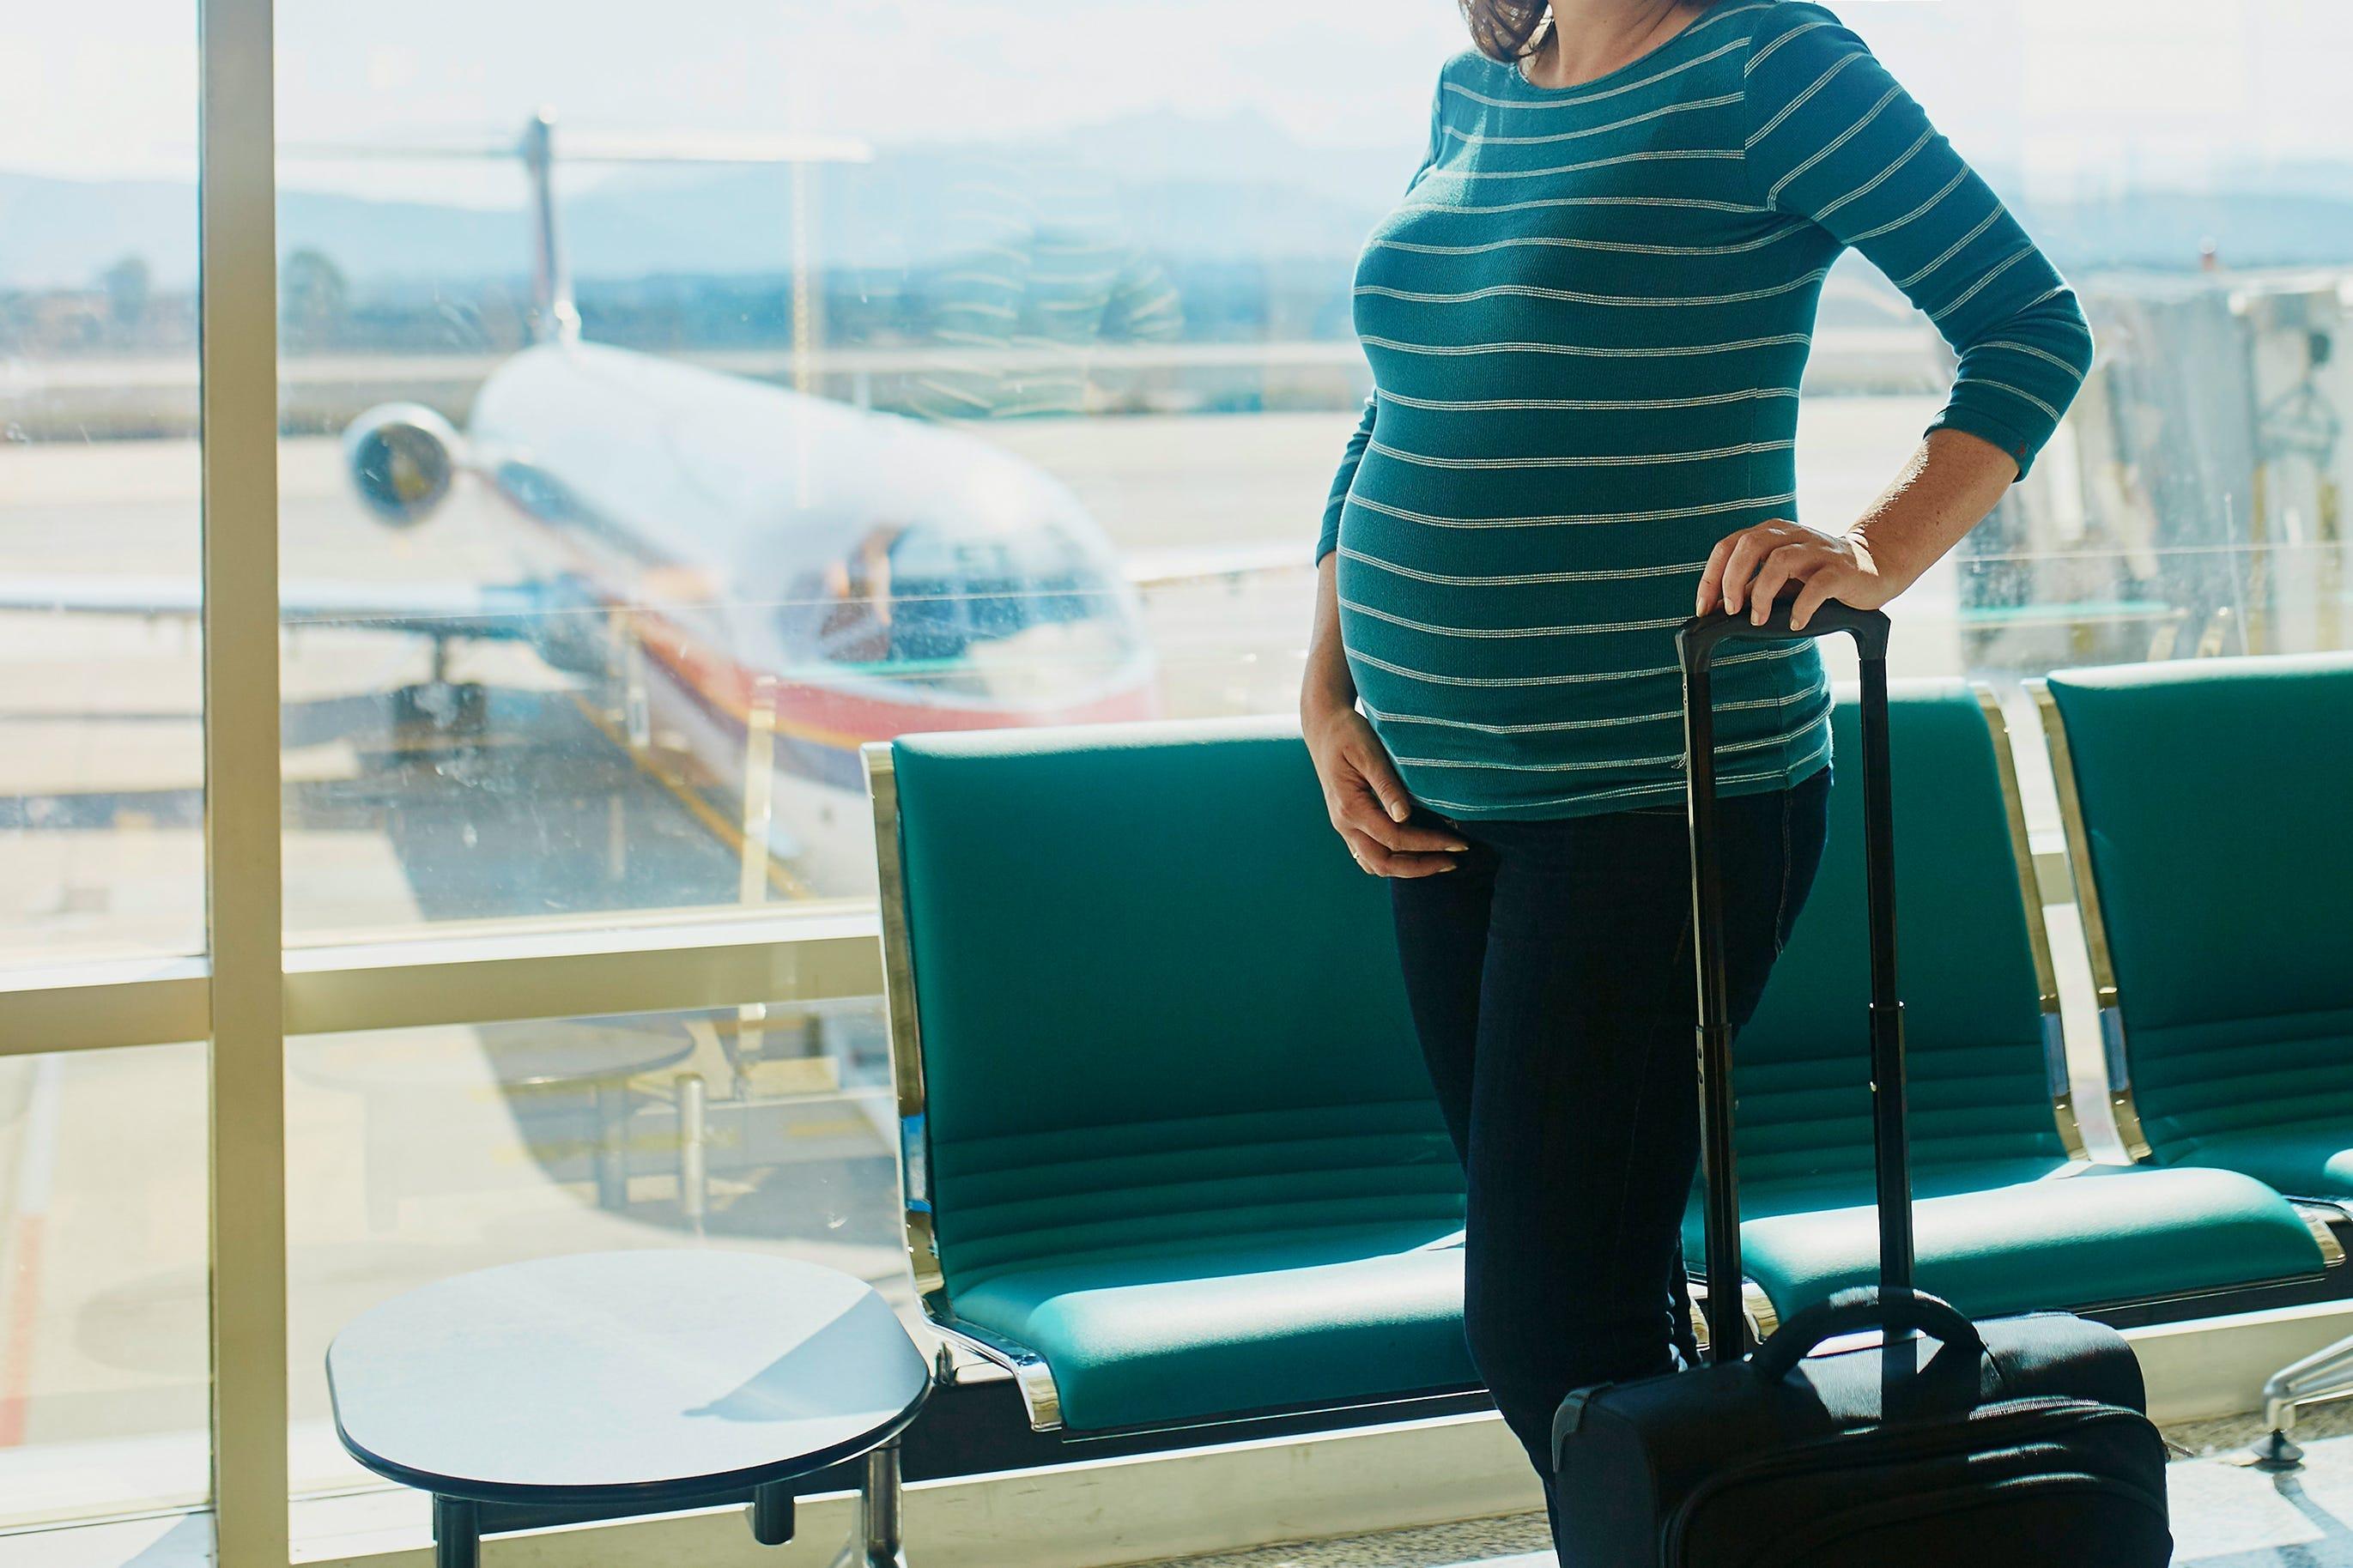 Estados Unidos Restringirá Visas Para Mujeres Embarazadas